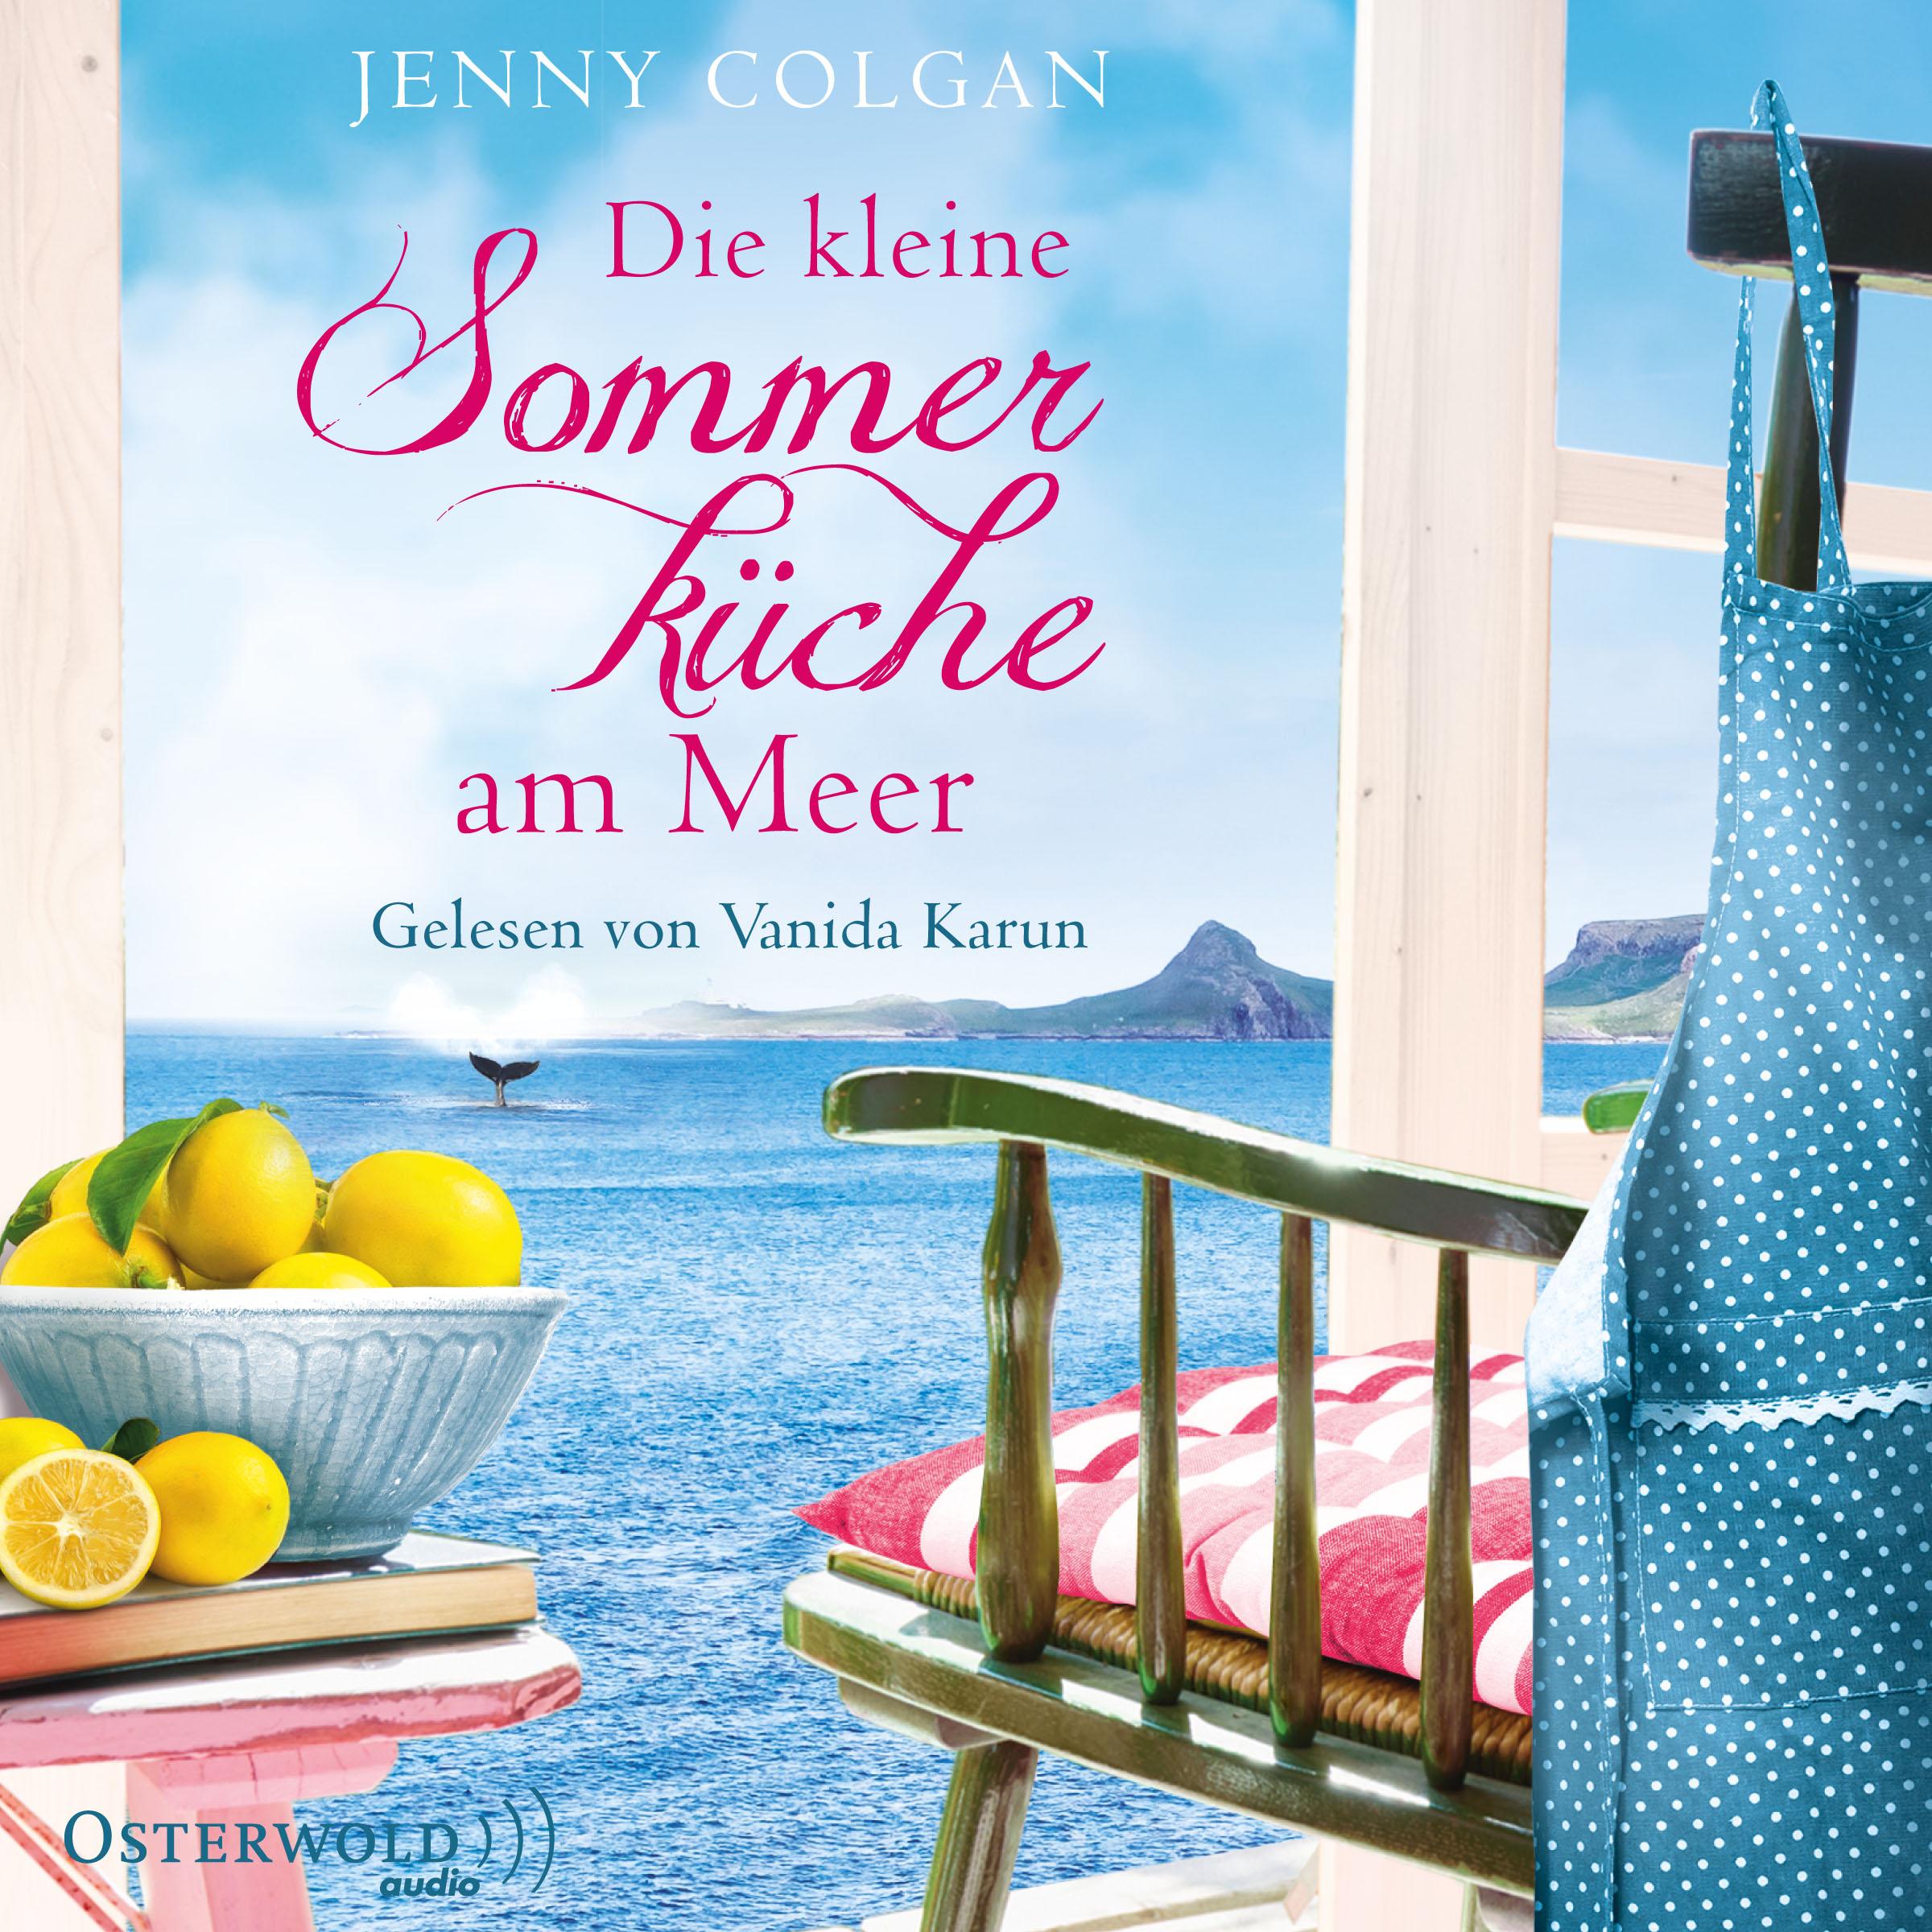 Die kleine Sommerküche am Meer von Colgan, Jenny, Hagemann, Sonja, Ka